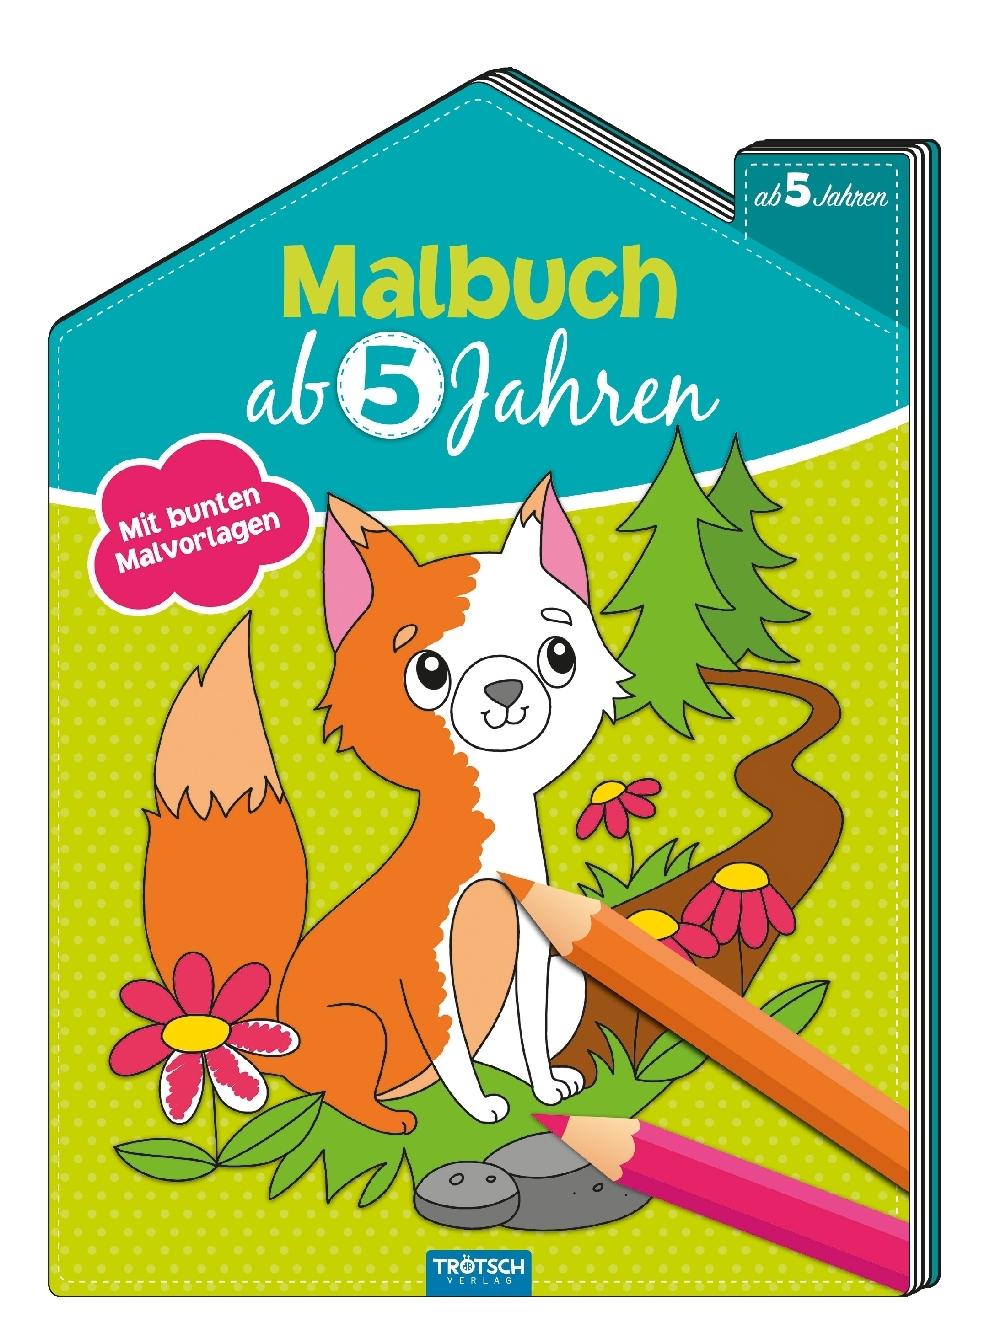 Malbuch ab 5 Jahren Mit bunten Malvorlagen Broschüre Deutsch 2018 Bastel- & Kreativ-Bedarf für Kinder